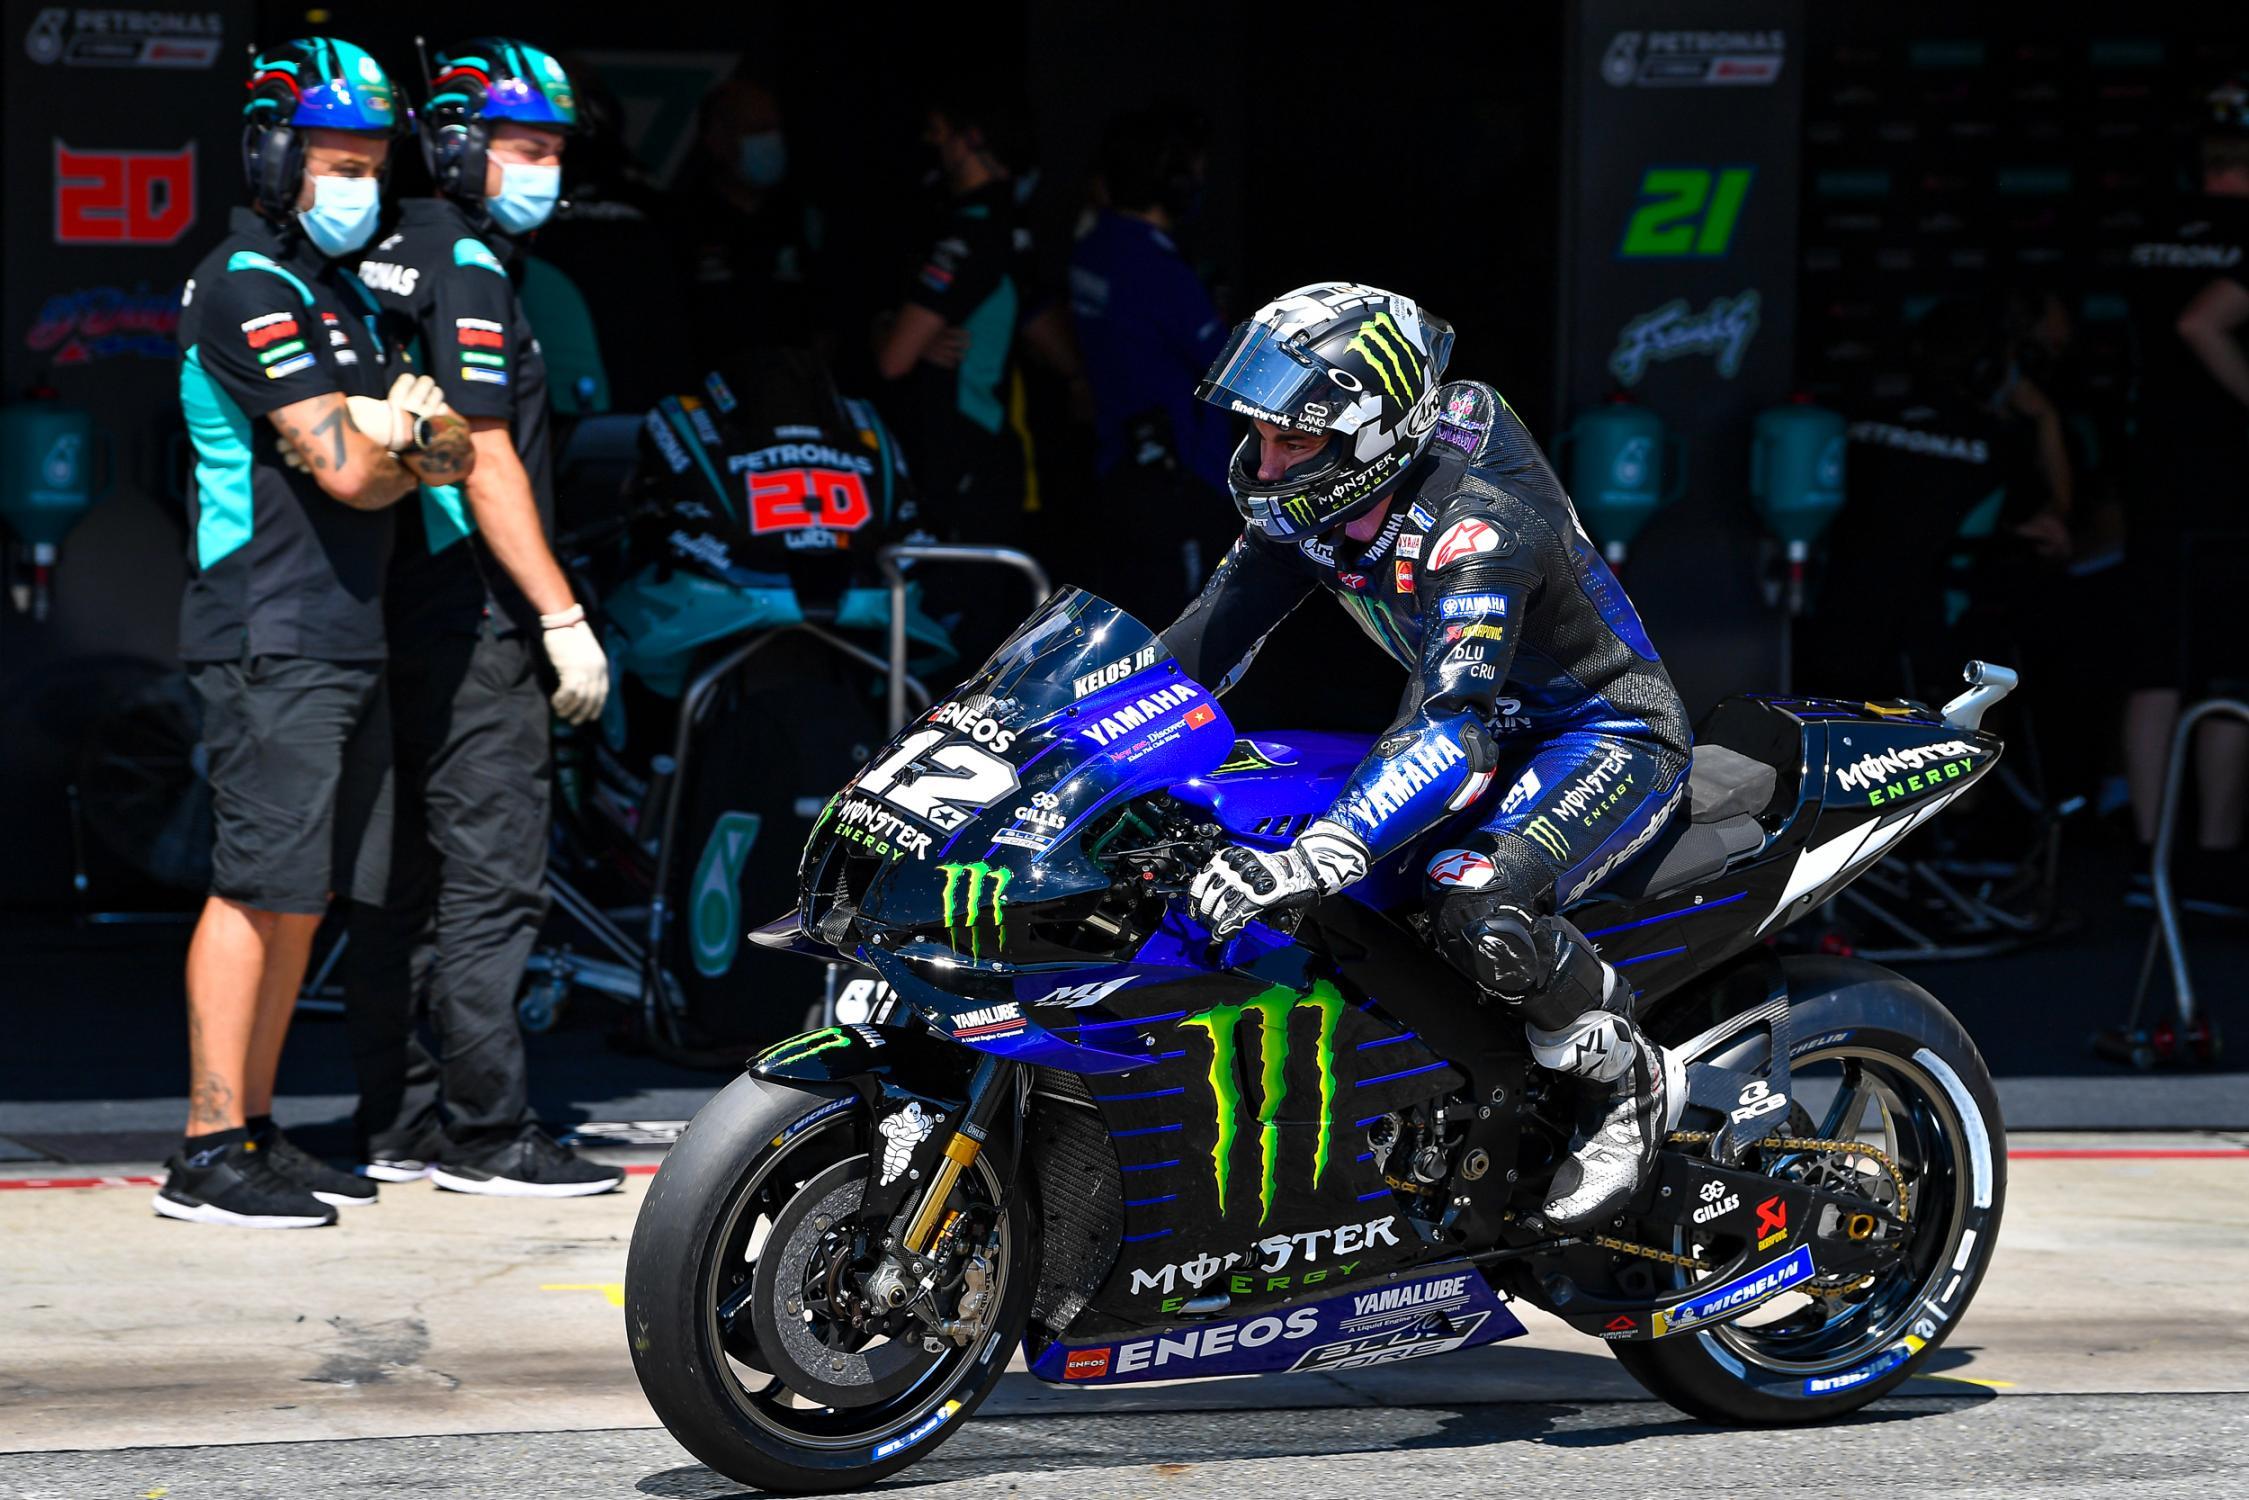 La pole pour Vinales au GP d'Autriche, Quartararo bien placé — MotoGP